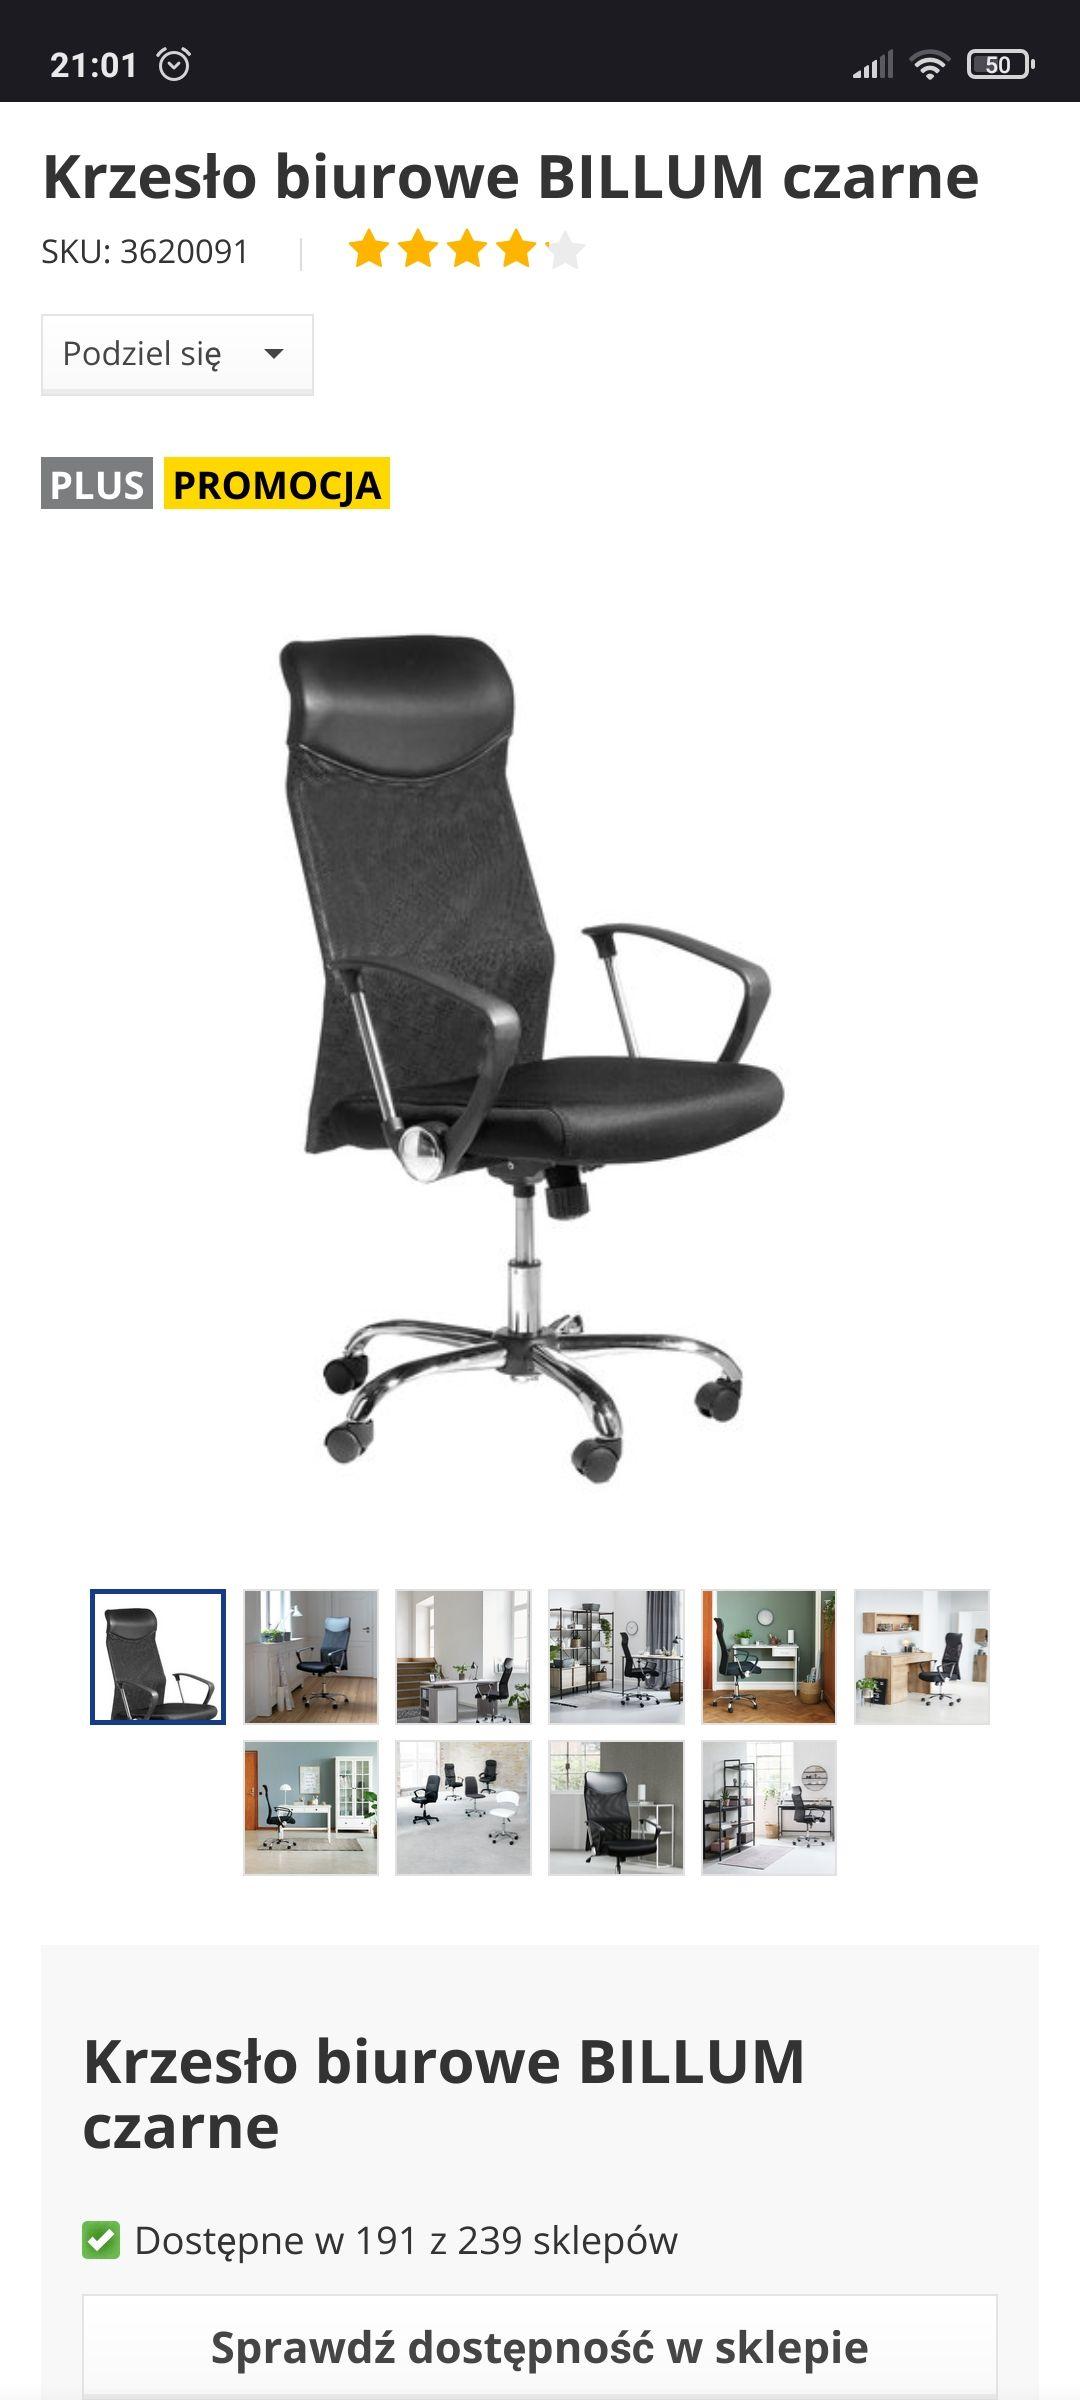 Krzesło biurowe billum czarne (JYSK)